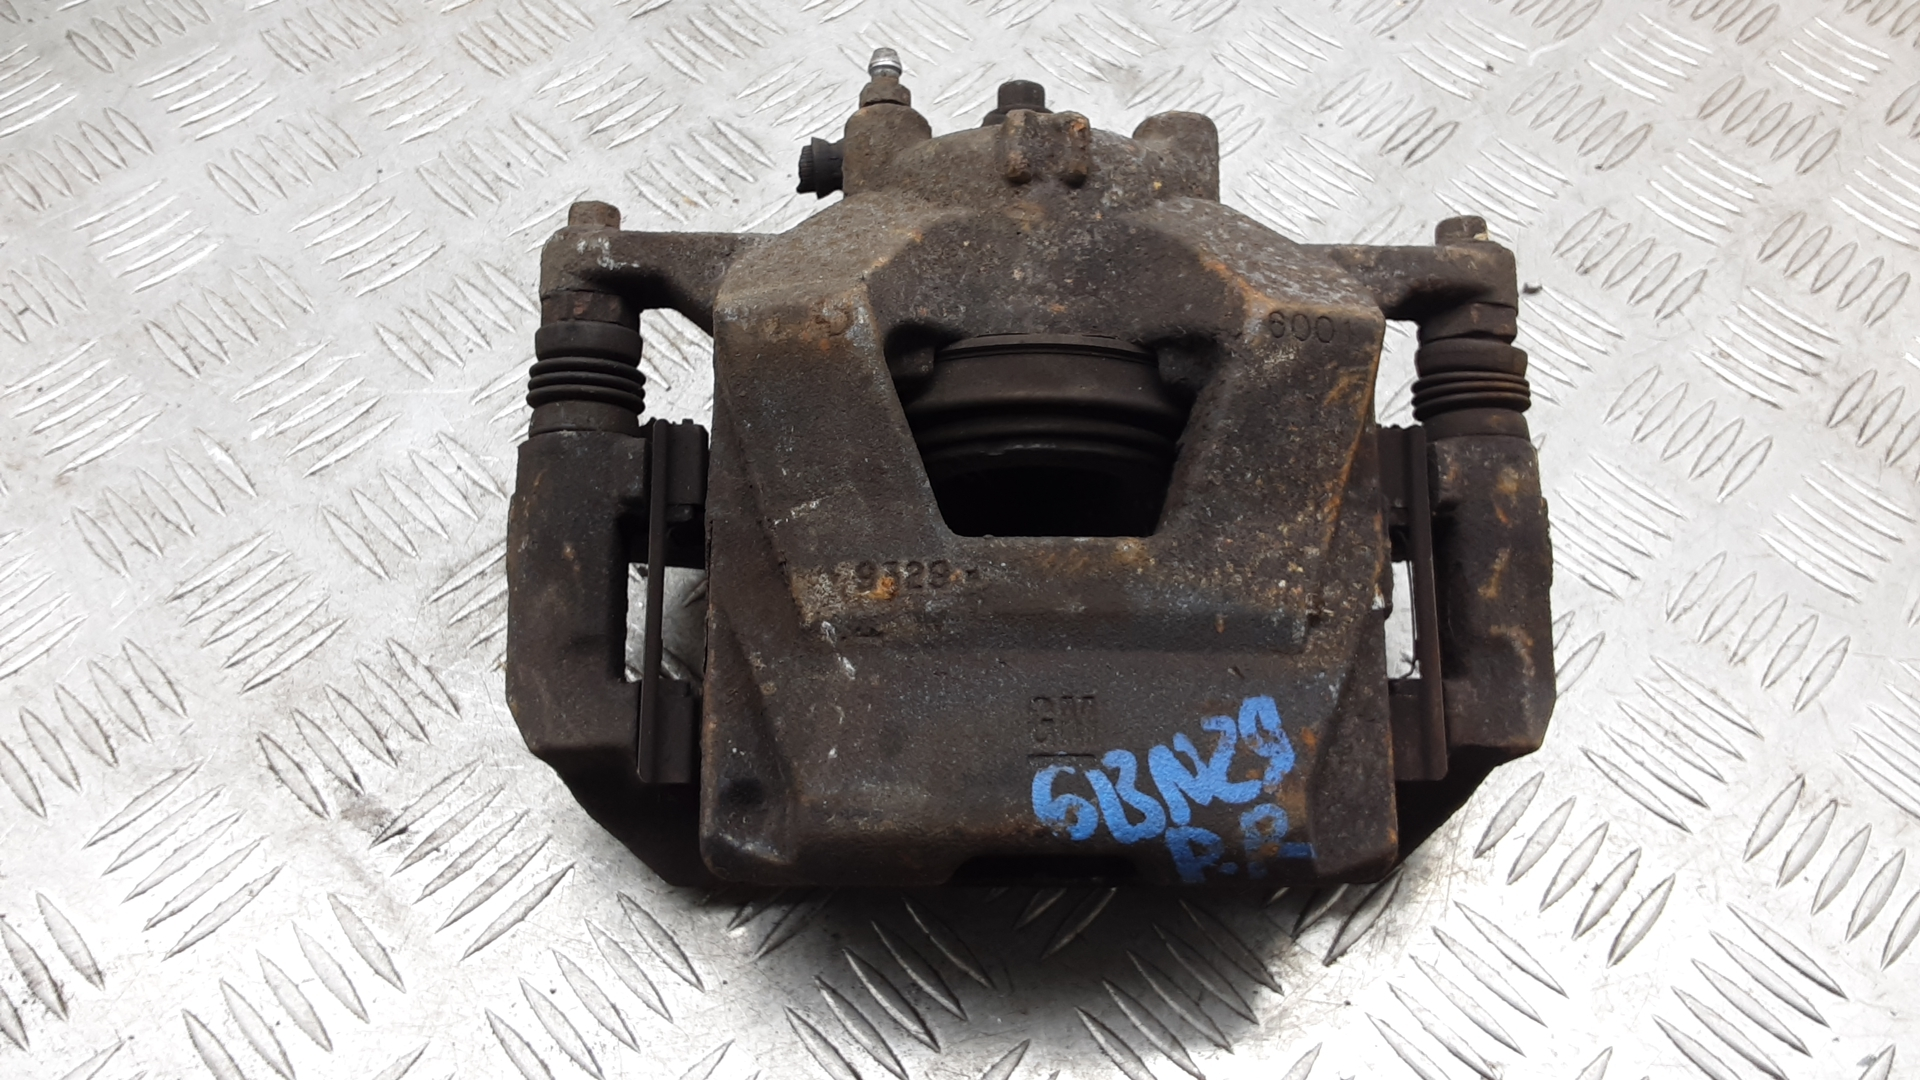 Суппорт тормозной передний правый, CHEVROLET, CRUZE J300, 2011